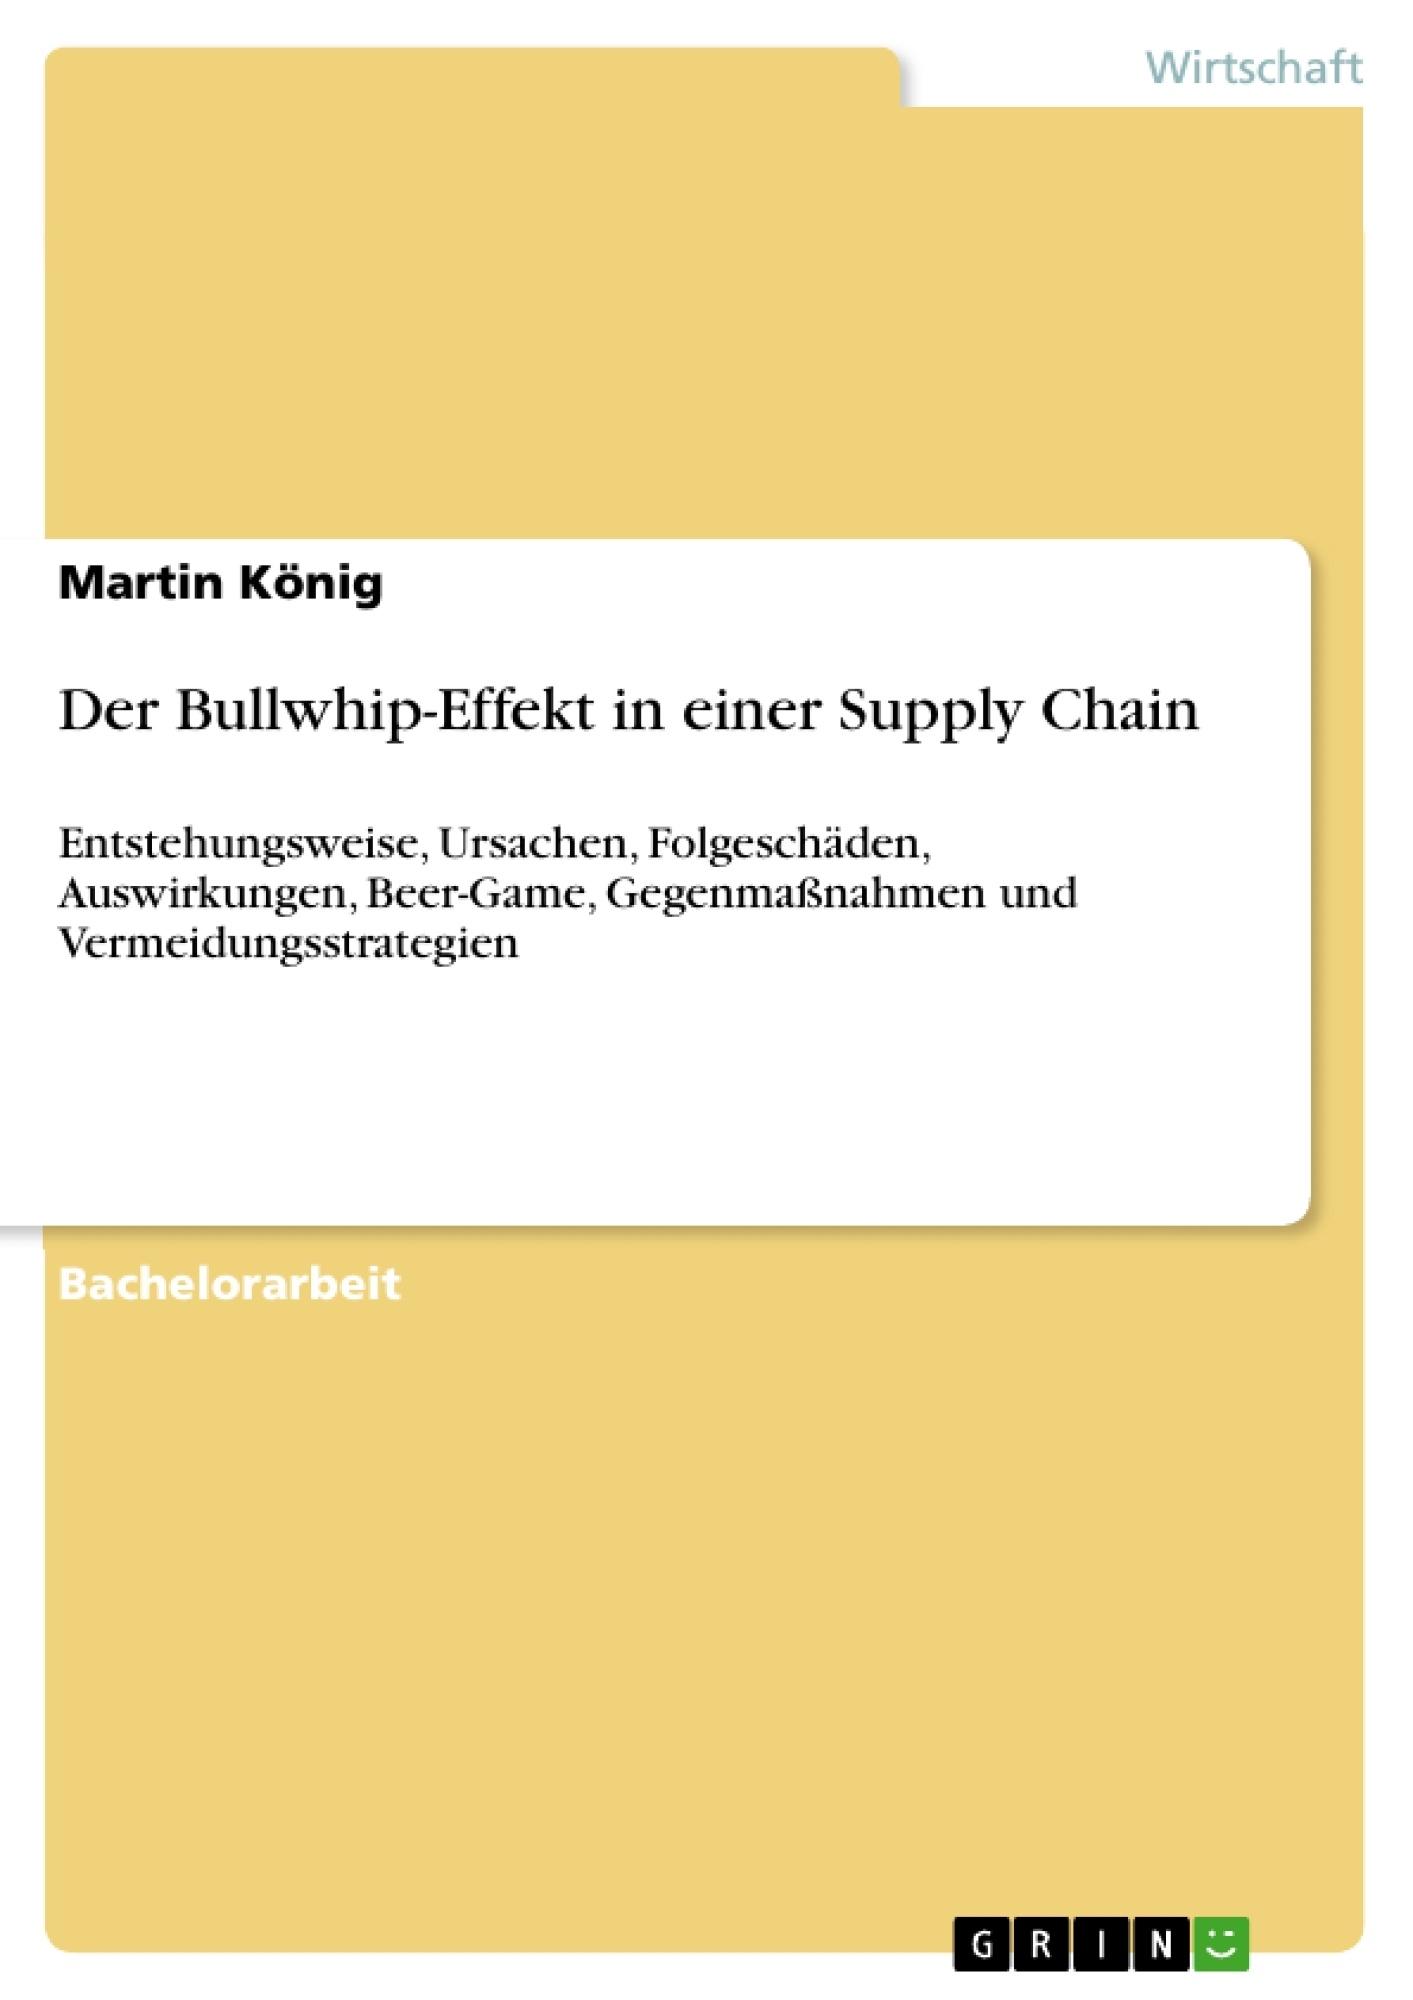 Titel: Der Bullwhip-Effekt in einer Supply Chain